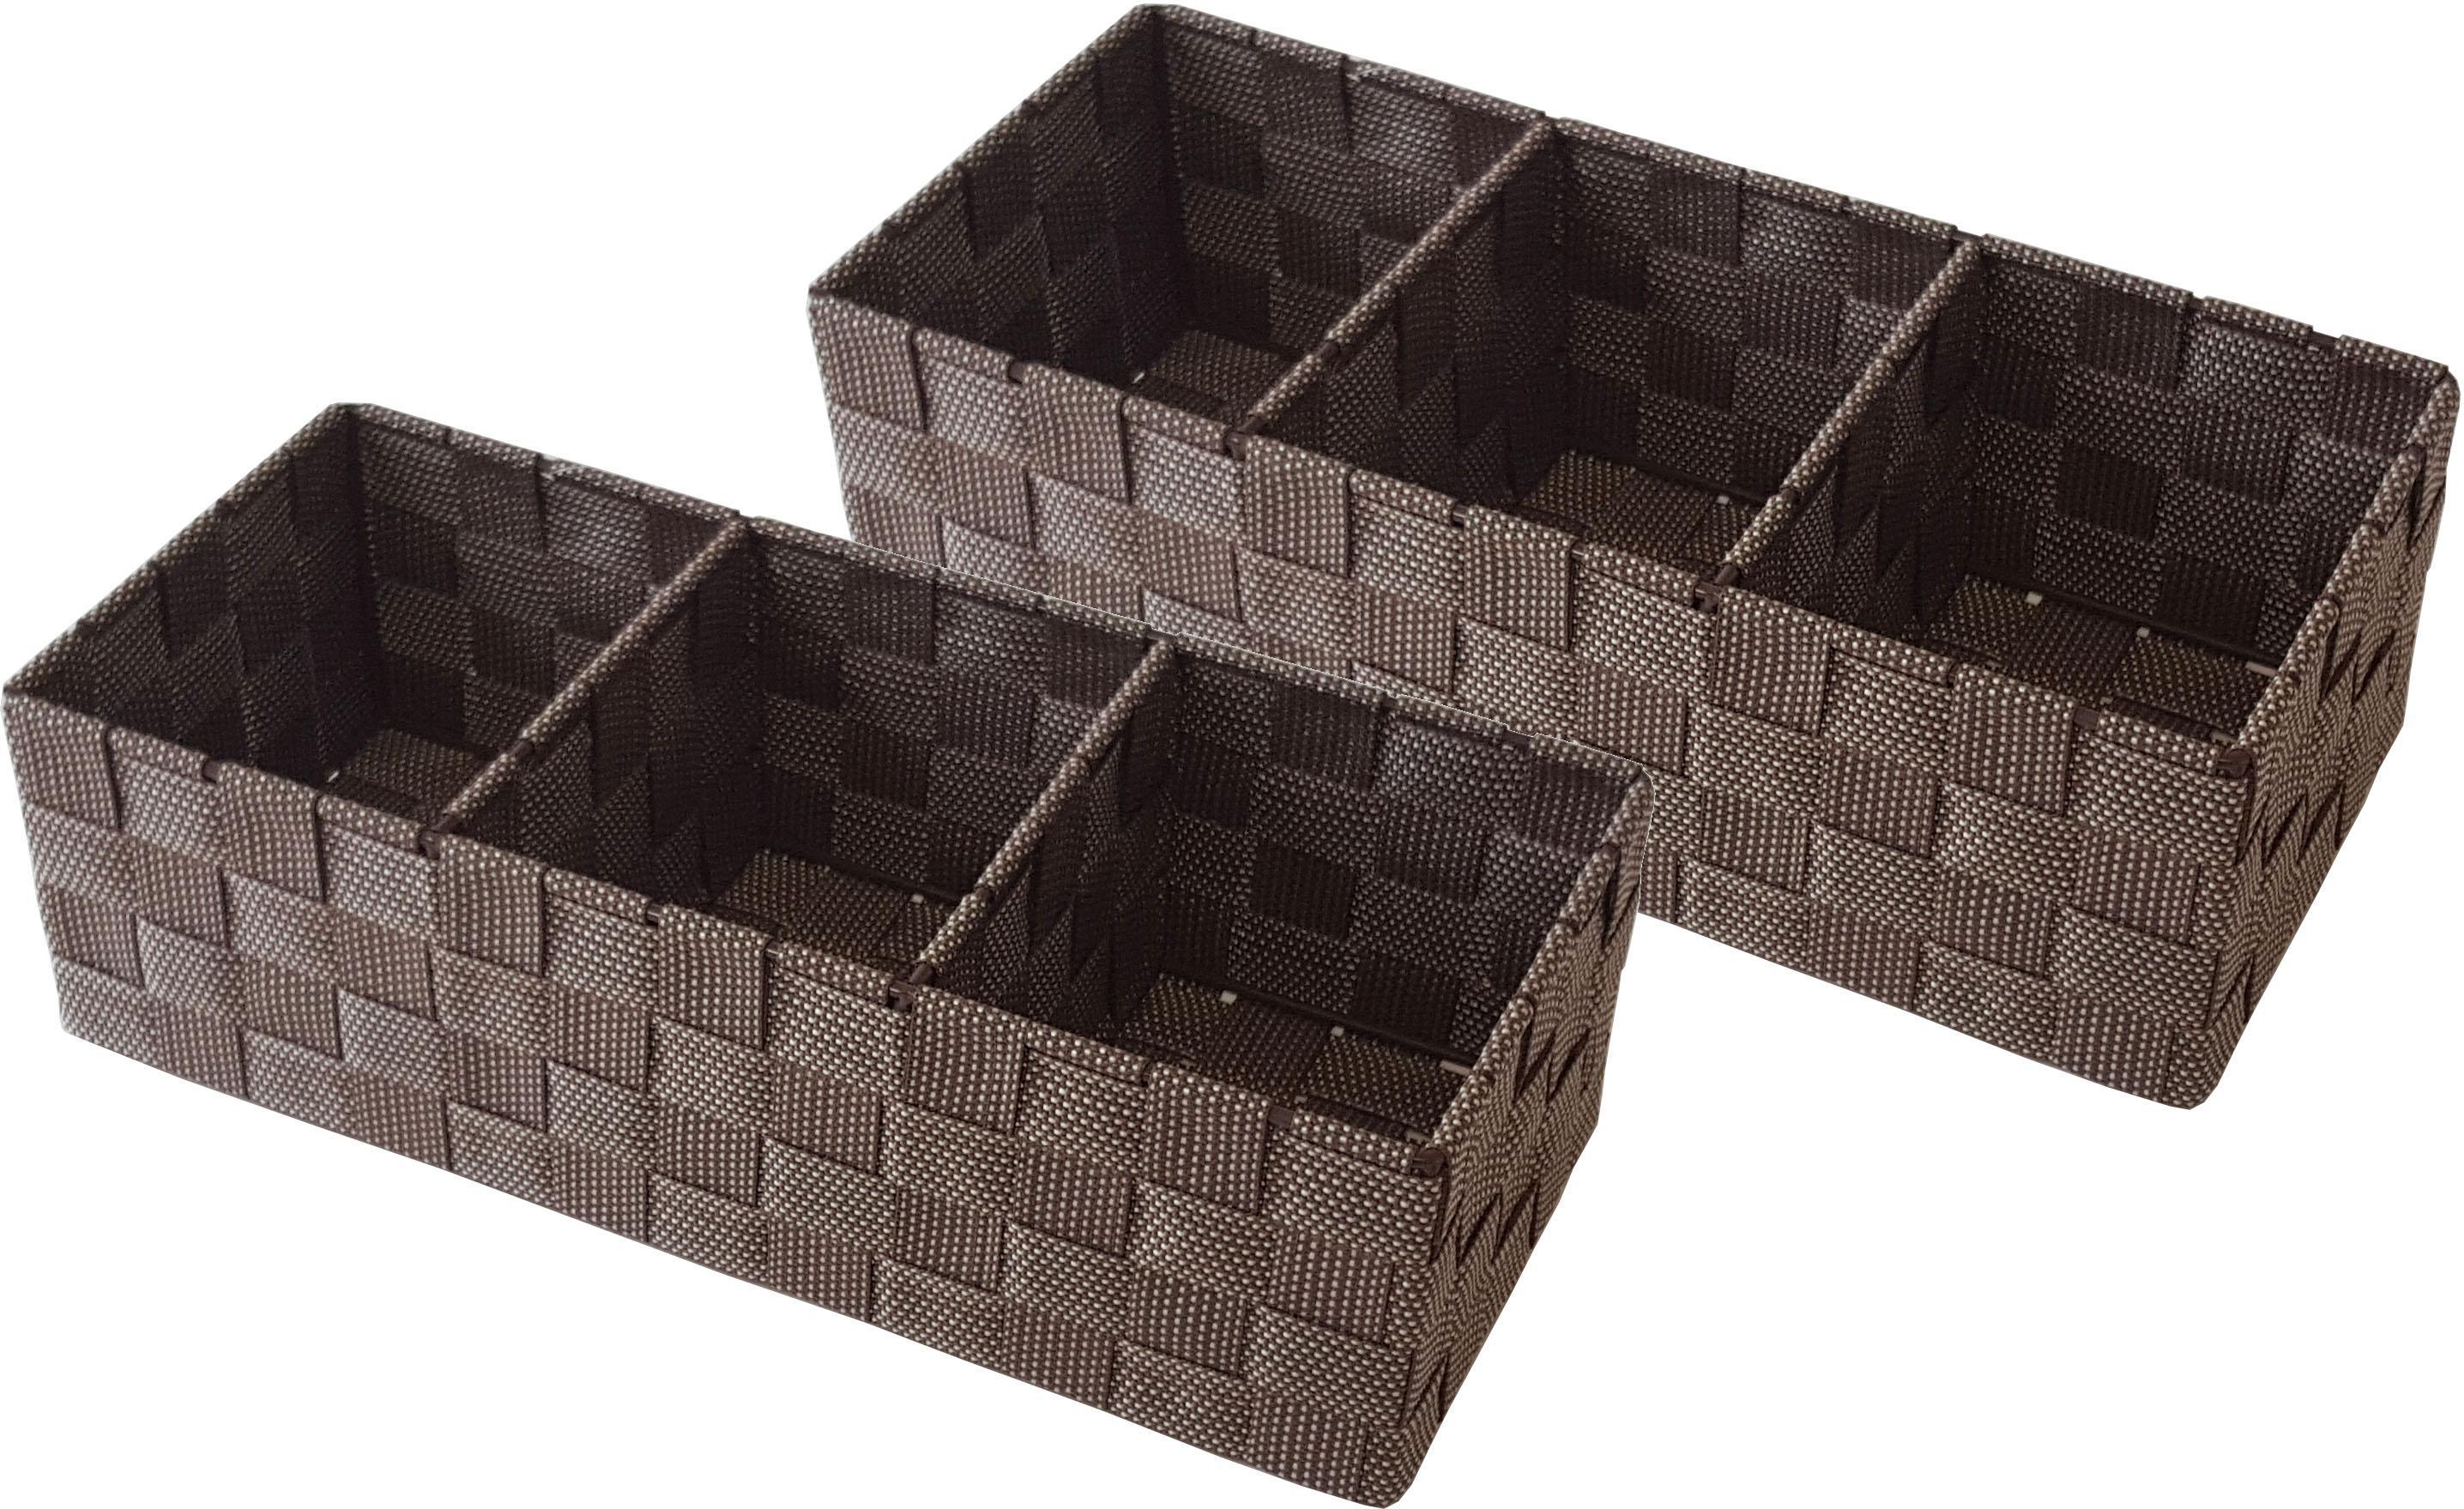 Franz Müller Flechtwaren Aufbewahrungsbox, (Set, 2 St.), mit praktischer Facheinteilung braun Kleideraufbewahrung Aufbewahrung Ordnung Wohnaccessoires Aufbewahrungsbox